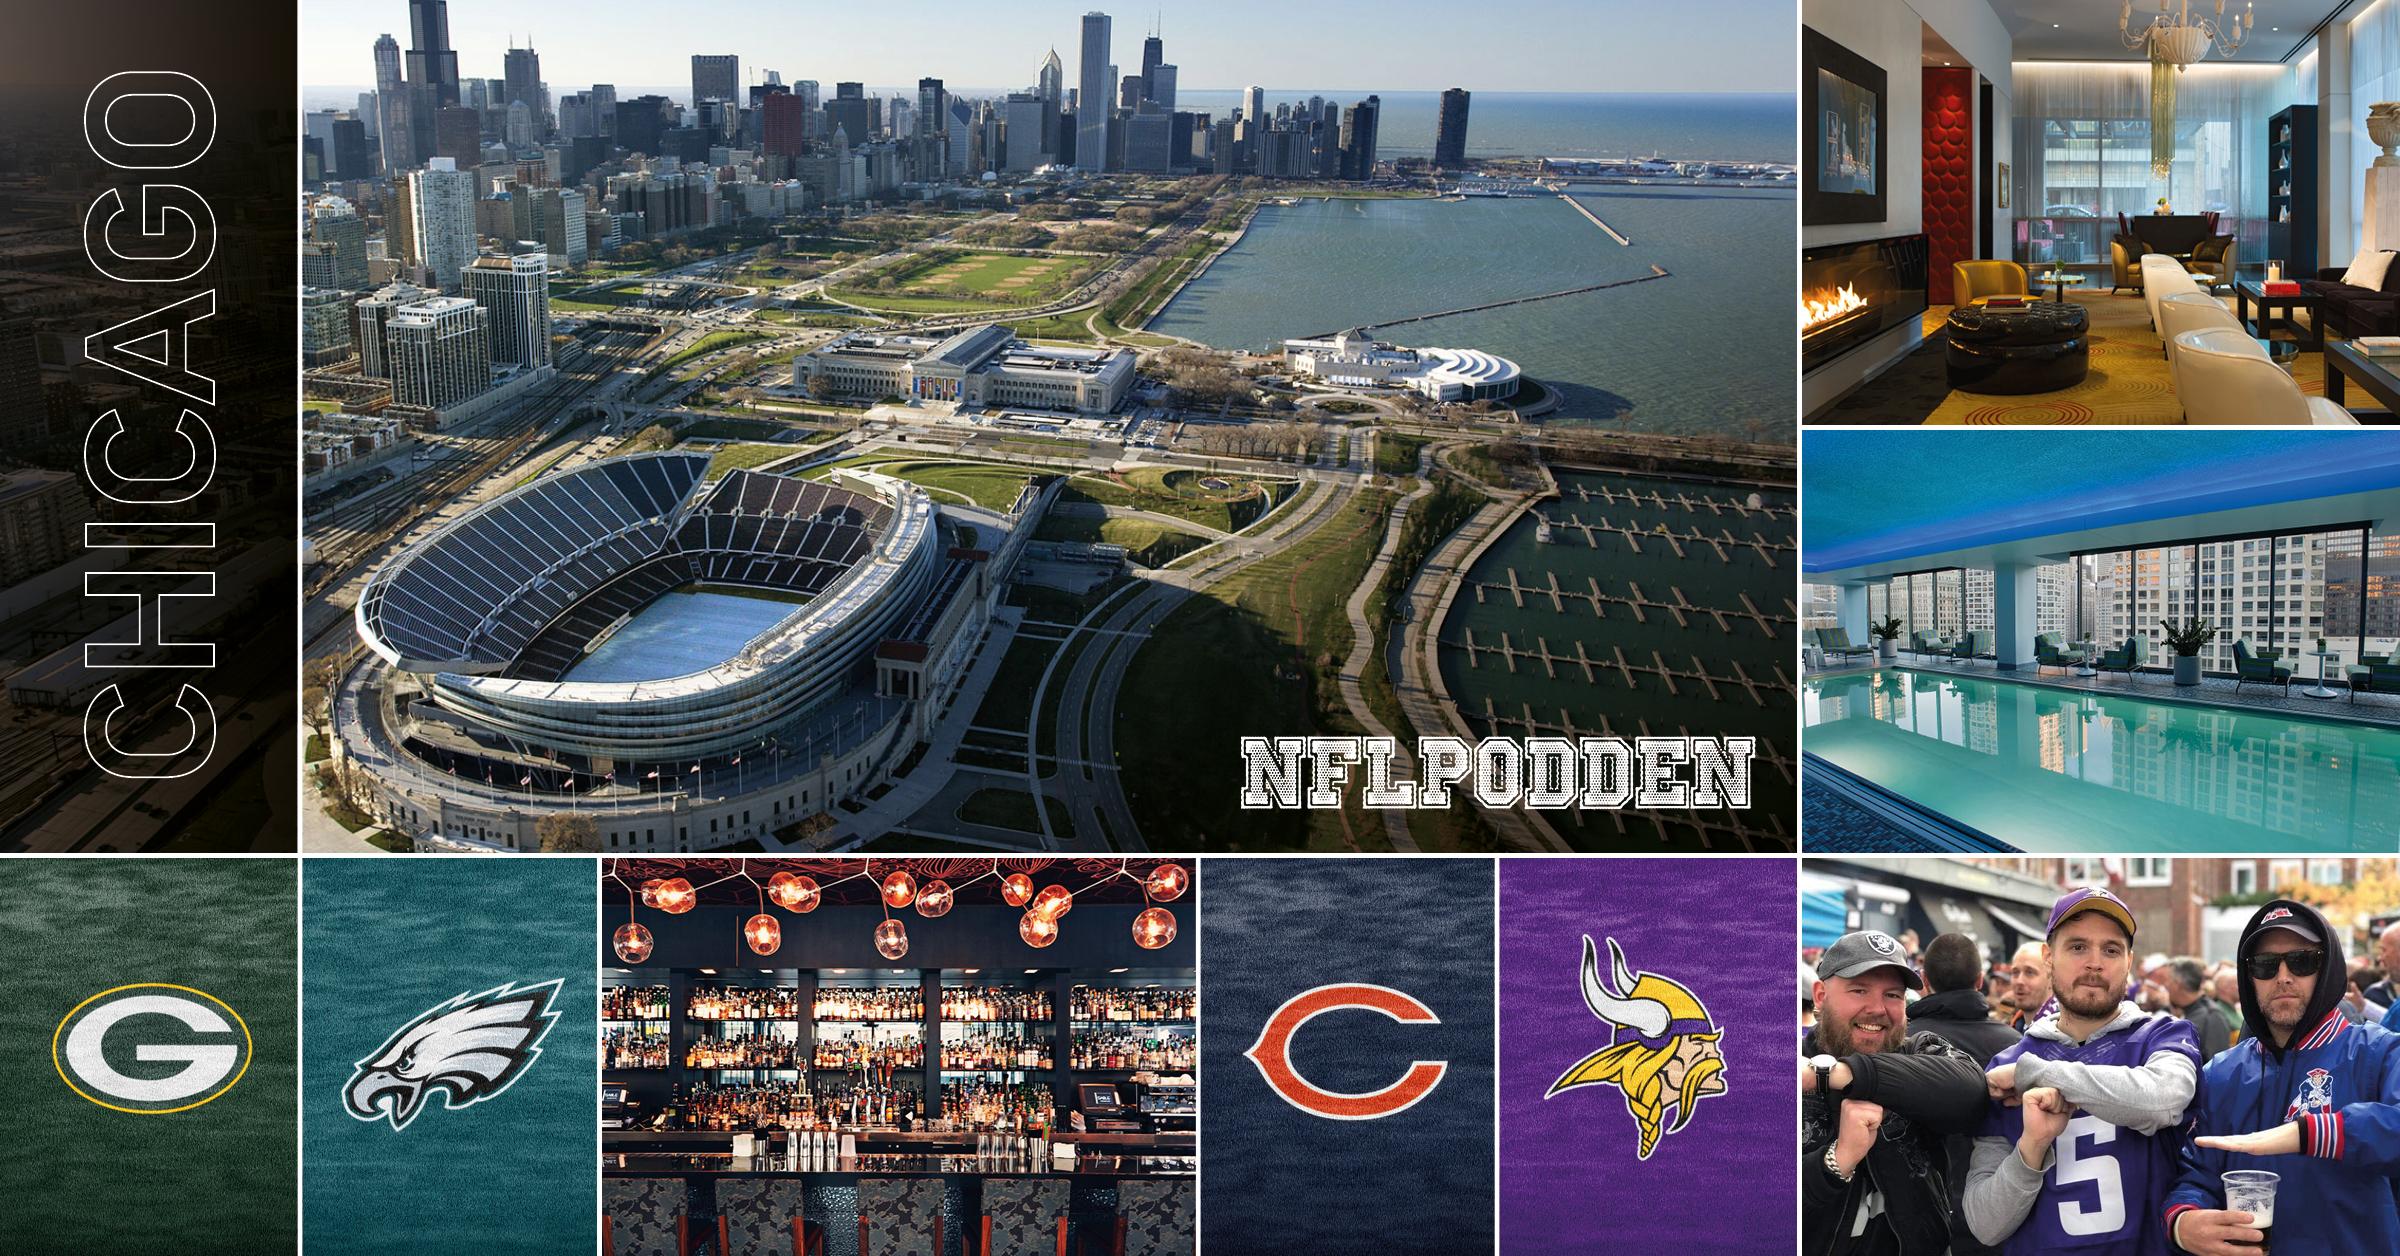 NFL-resa Chicago - 25 - 30 september tar vi dig till Chicago för att uppleva två högklassiga matcher från NFL. Utflykt till Green Bay, ölprovning mm. Två grymma matcher: Green Bay Packers - Philadelphia Eagles och Chicago Bears - Minnesota Vikings.